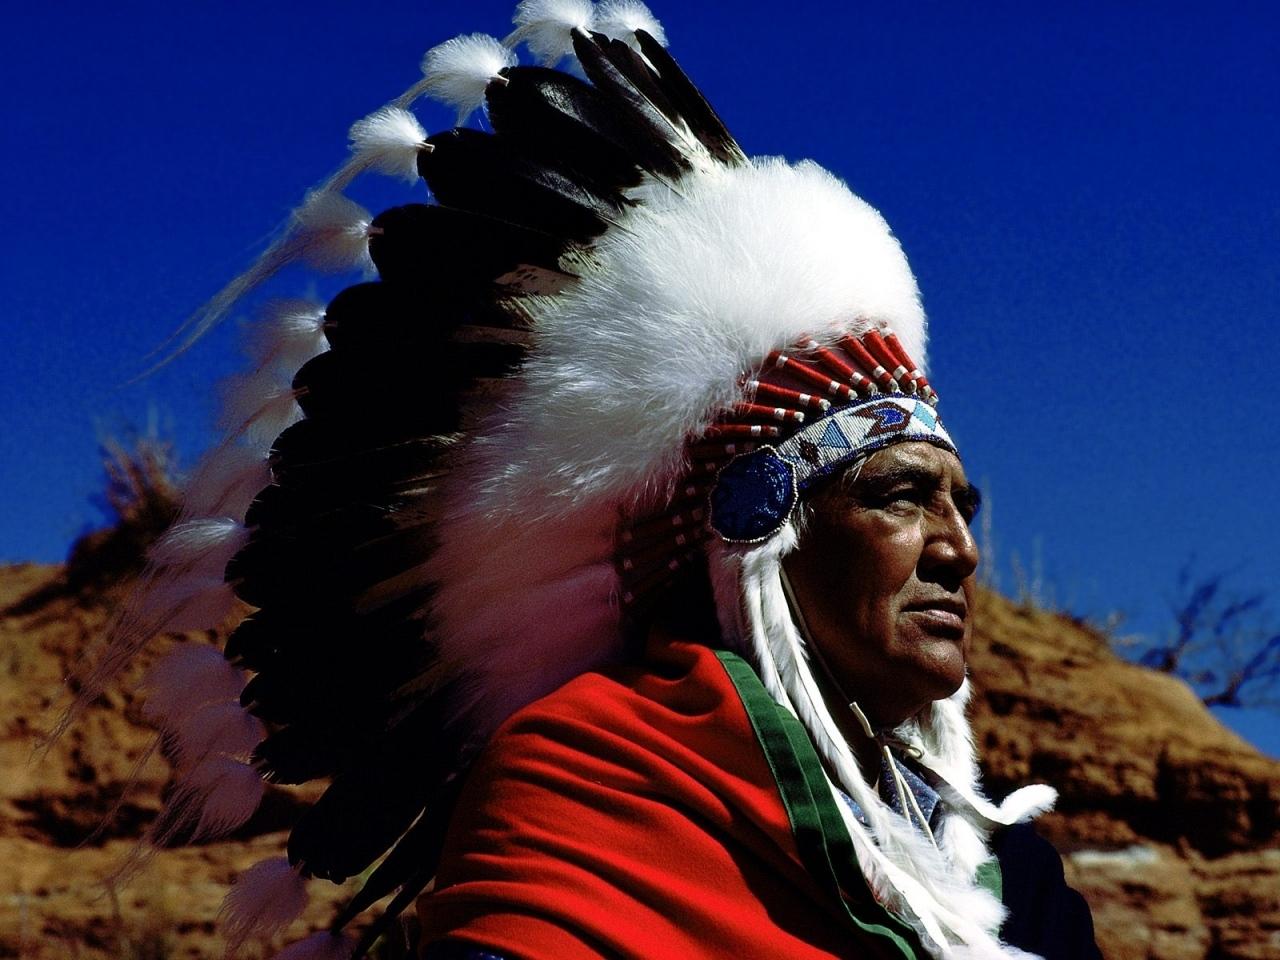 Рисунок 2. Диалекты индейцев Северной Америки находятся на грани исчезновения